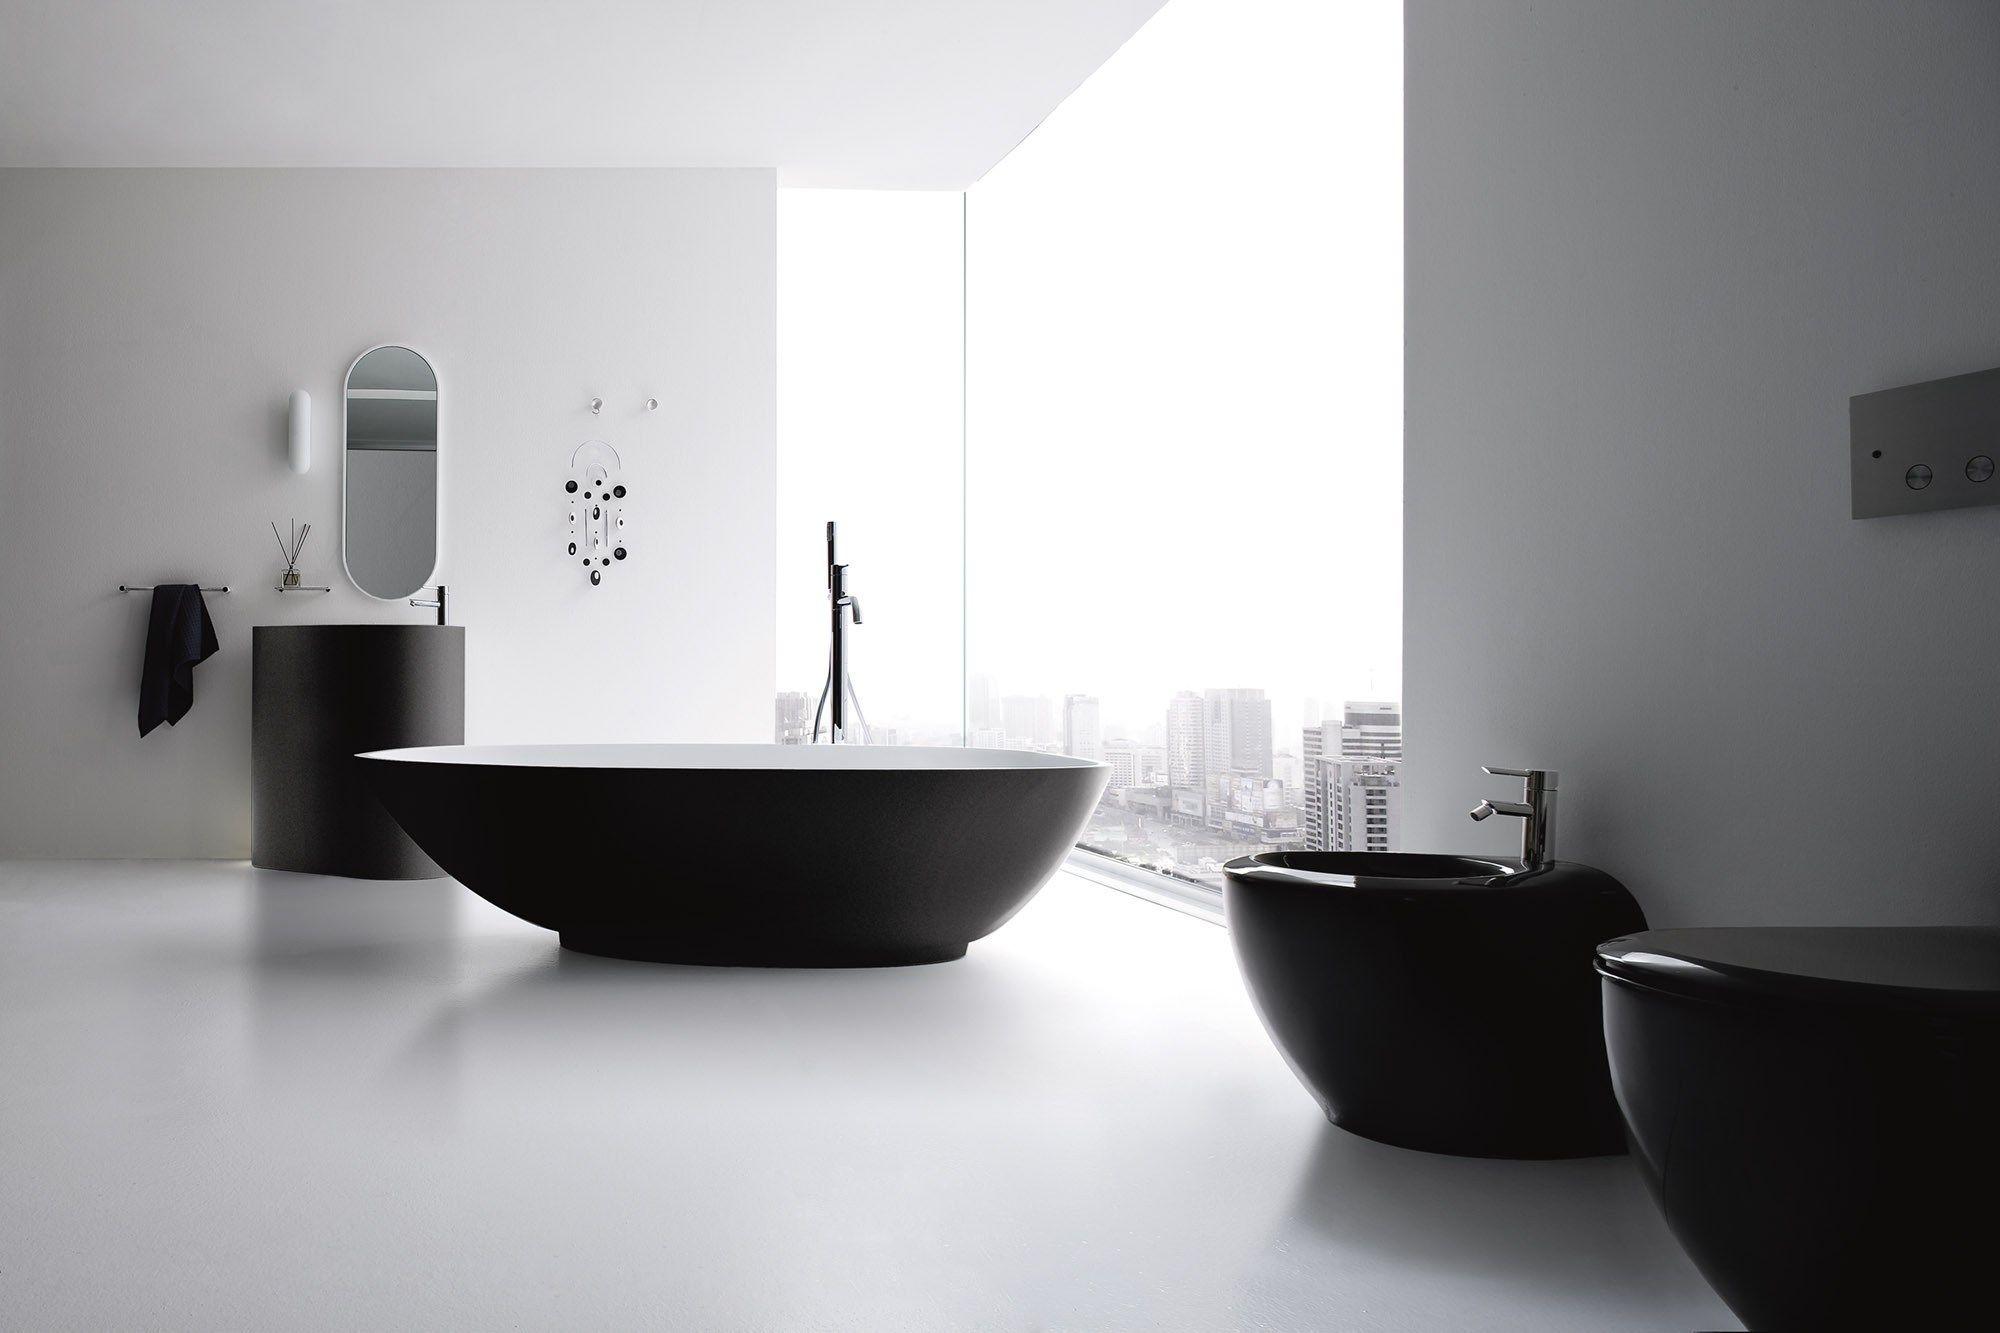 Boma vasca da bagno centro stanza by rexa design for Vasca centro stanza